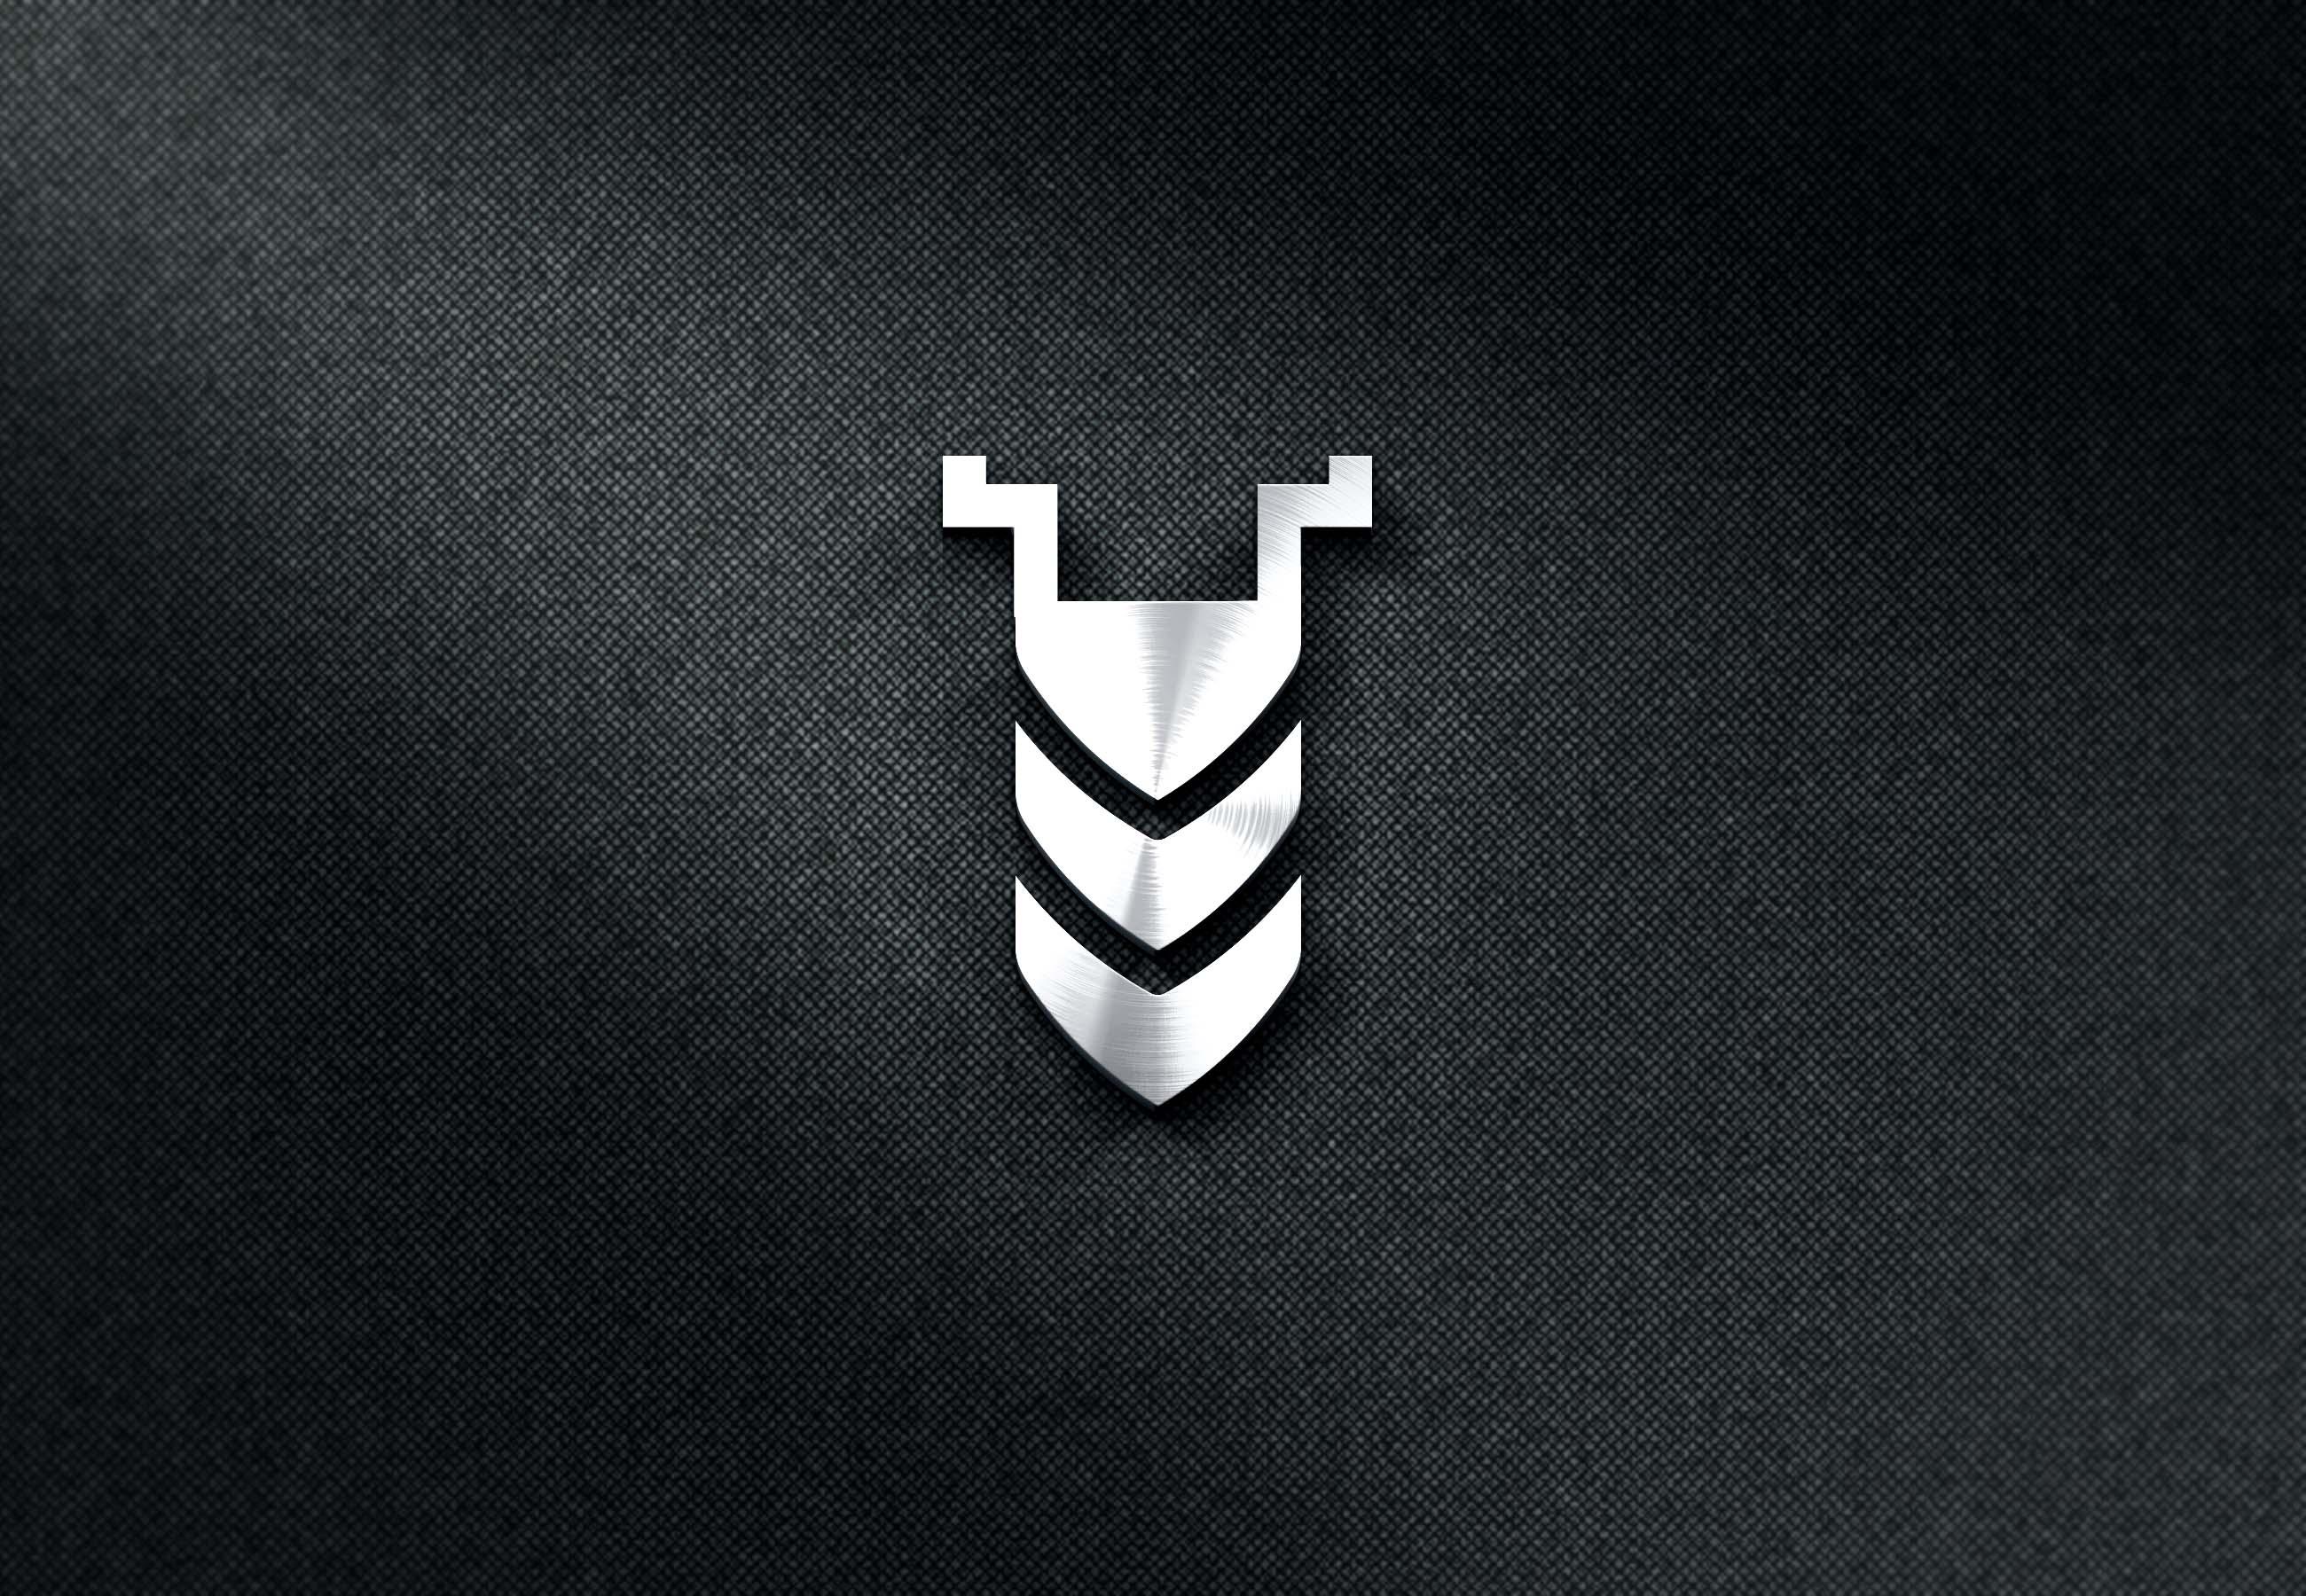 Нужен логотип (эмблема) для самодельного квадроцикла фото f_8055b0965891da55.jpg